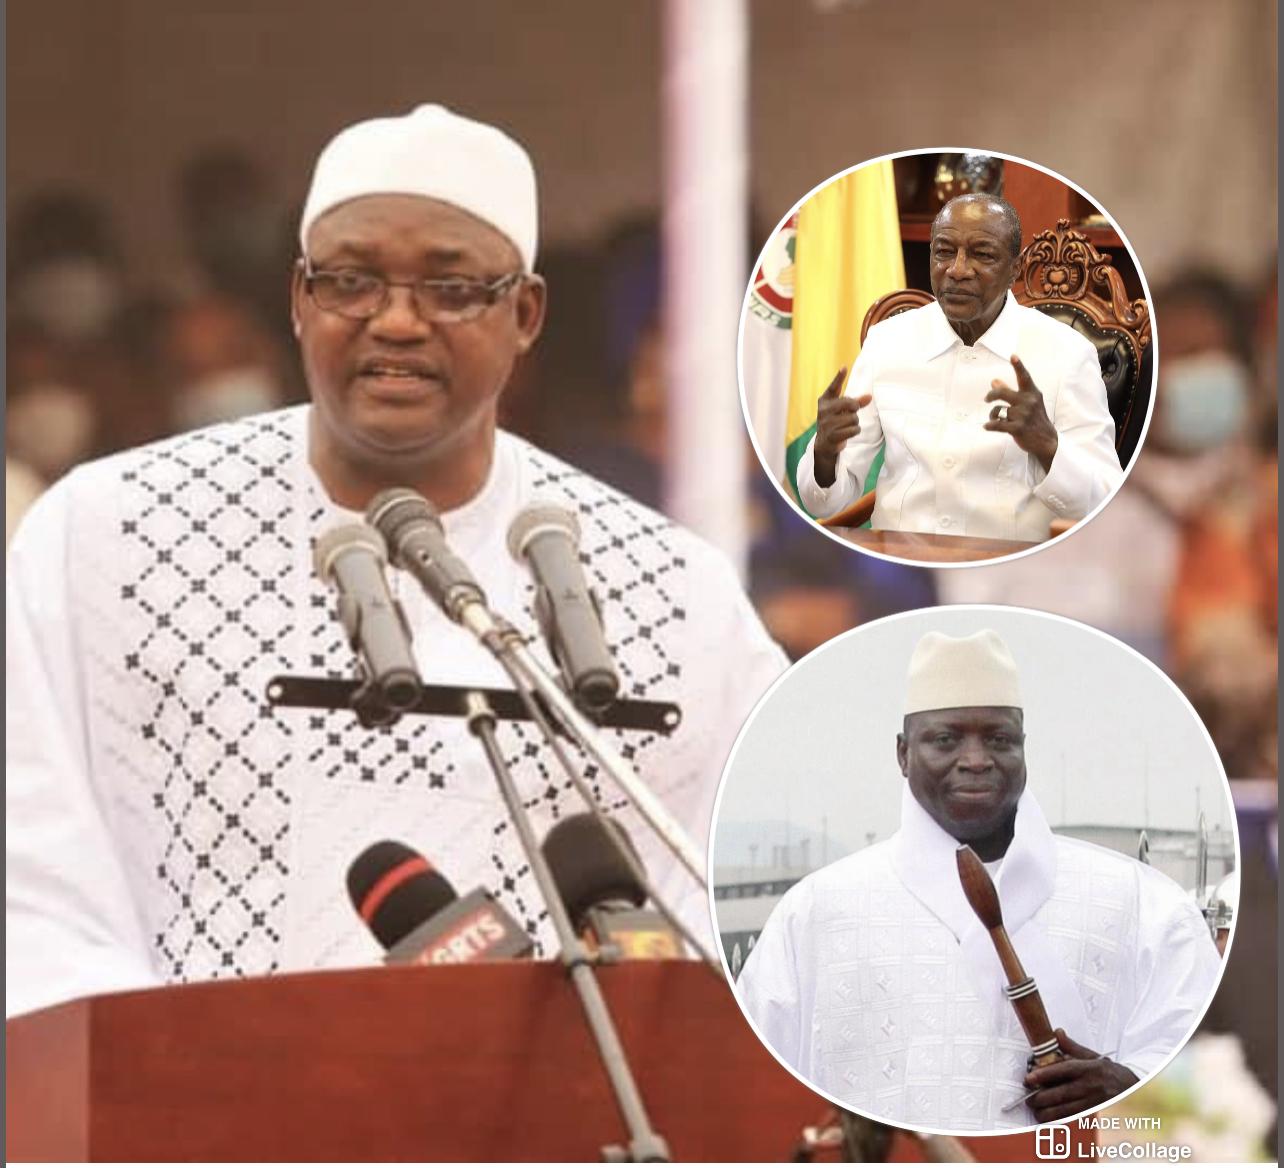 GAMBIE ET PRÉSIDENTIELLE / Barrow entre son «Wax waxett», sa proximité avec Condé, ses yeux doux à Jammeh et ce risque de chaos qu'il fait courir aux populations…